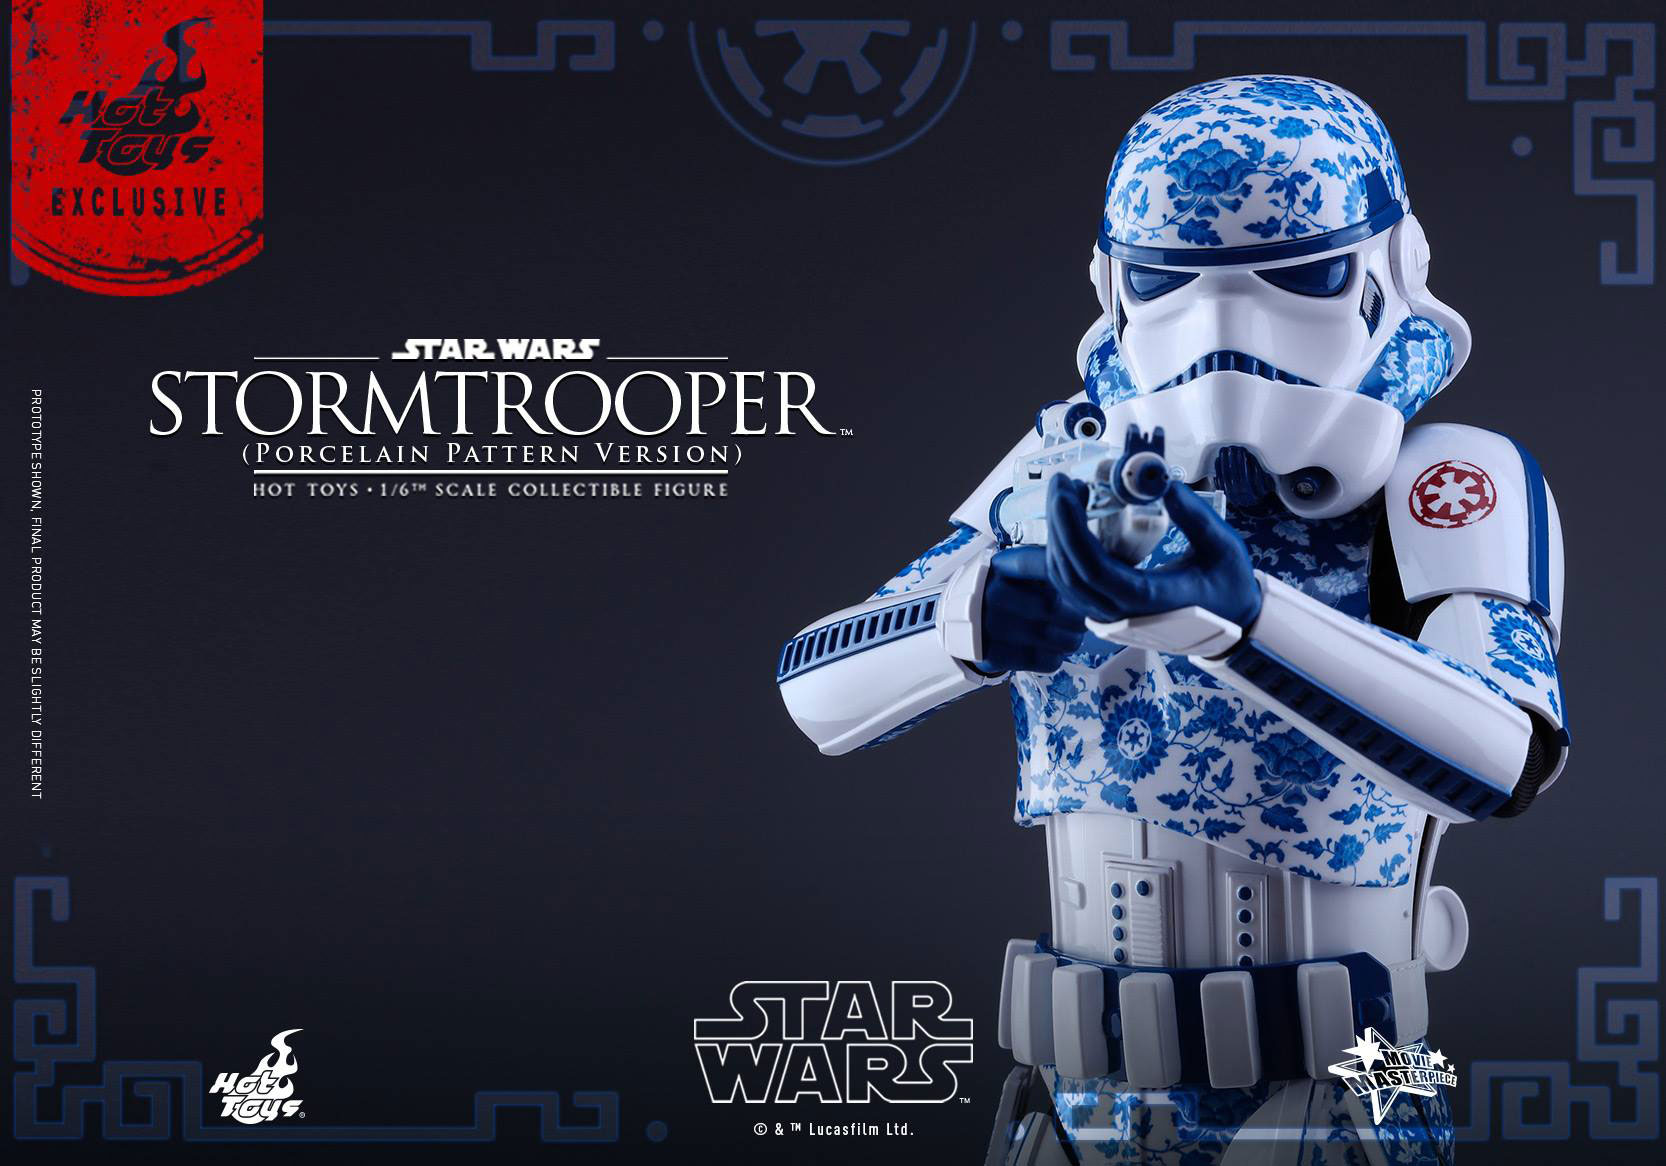 hot-toys-star-wars-stormtrooper-porcelain-pattern-figure-1